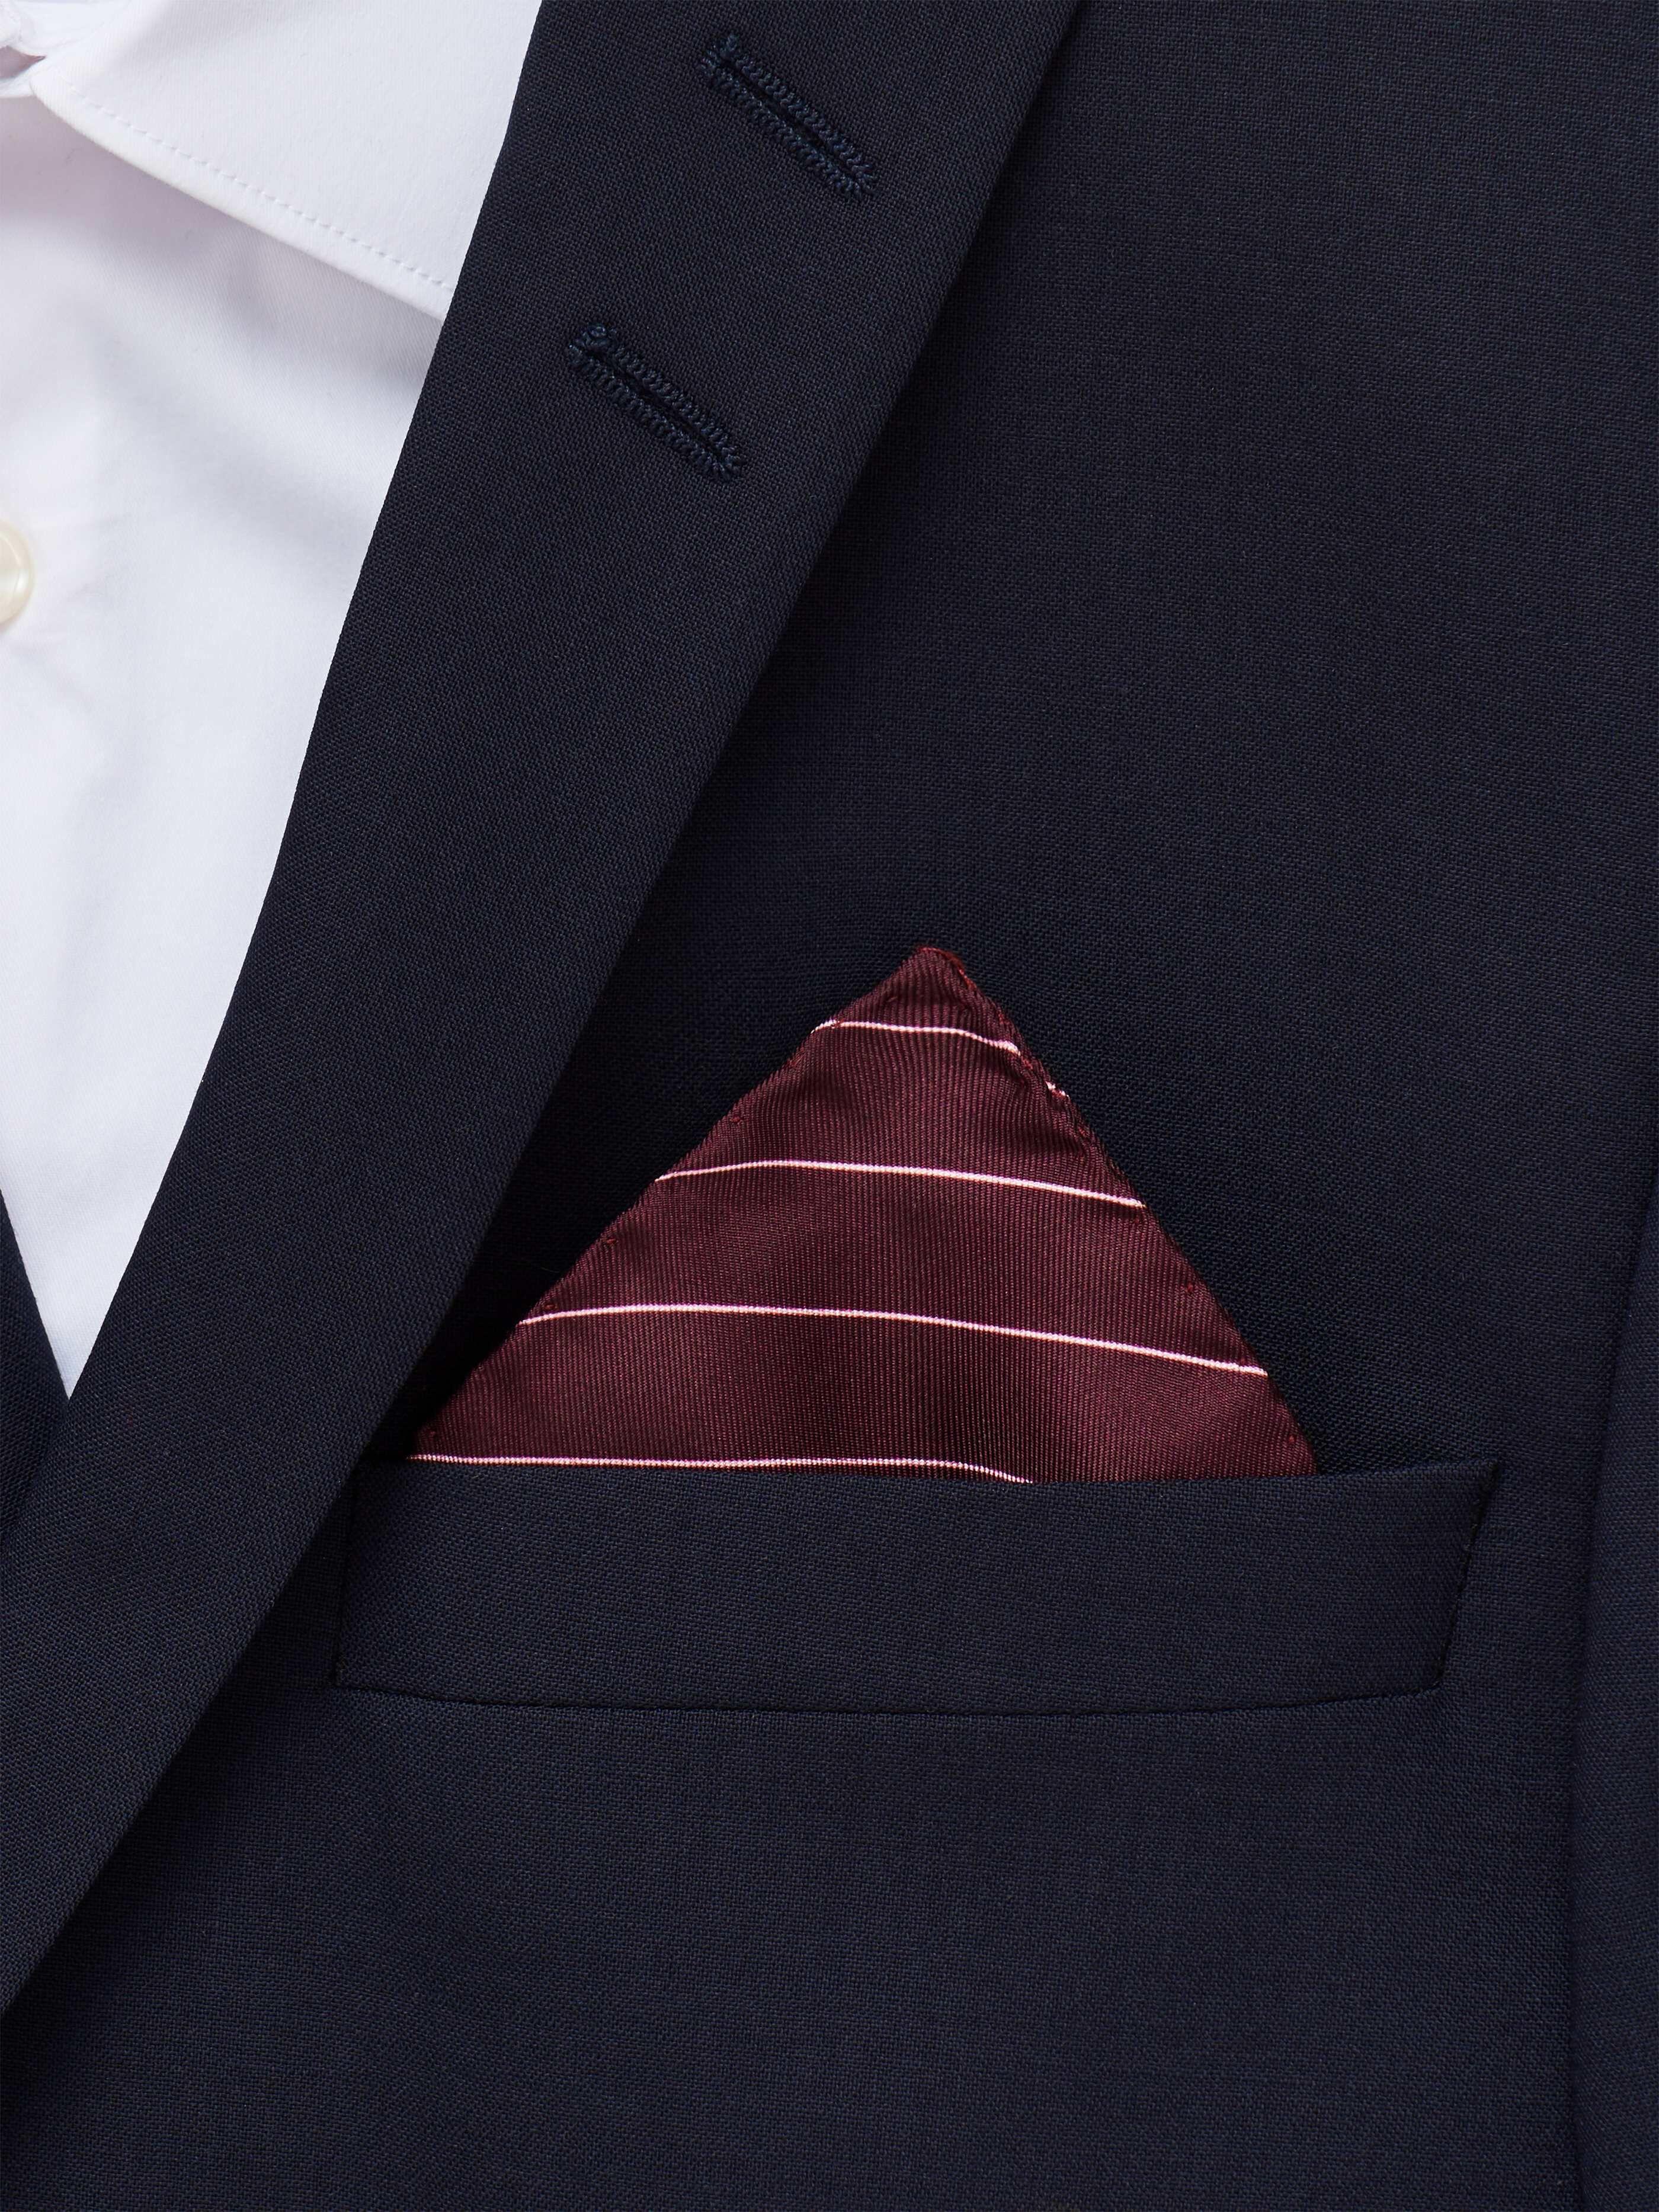 Pax Handkerchief Buy online